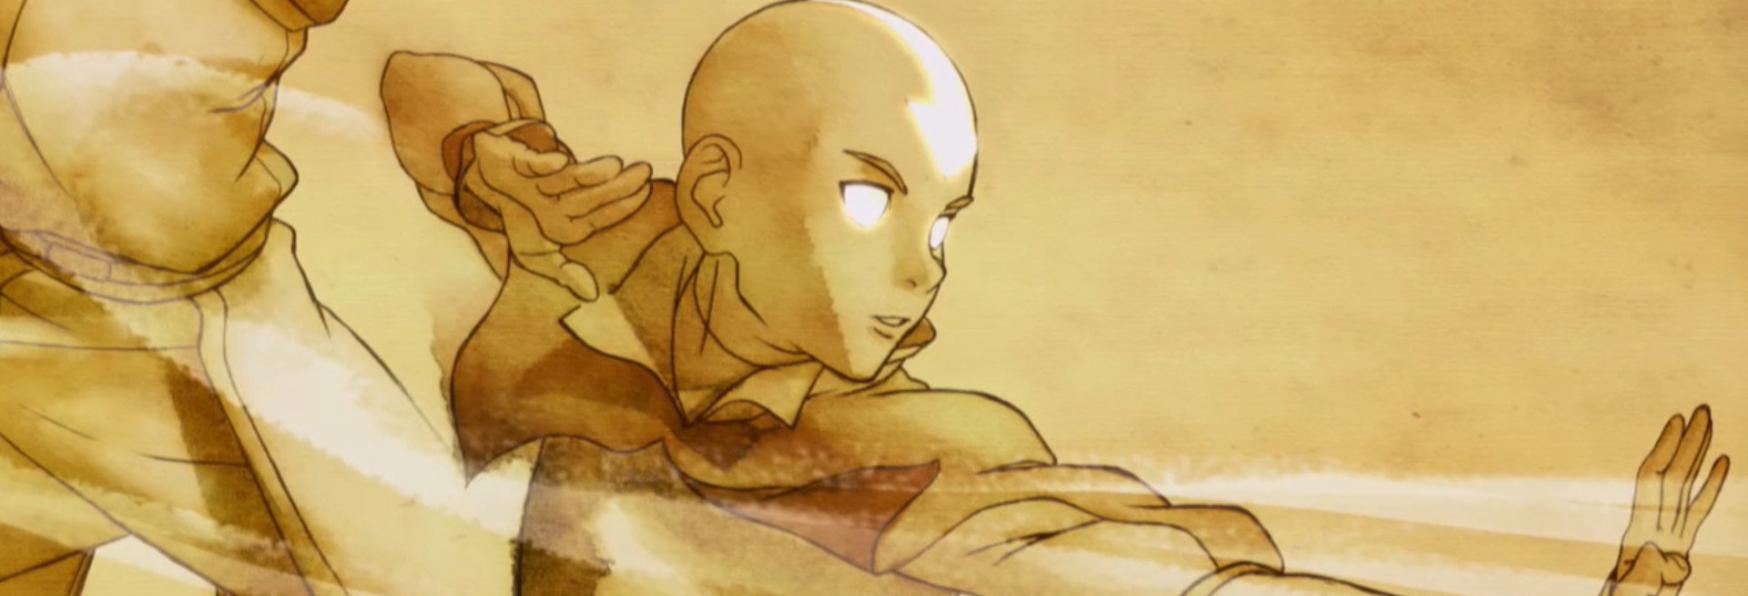 Avatar: The Last Airbender - Uno sguardo al Dietro le Quinte sulla Realizzazione dell'Agni Kai